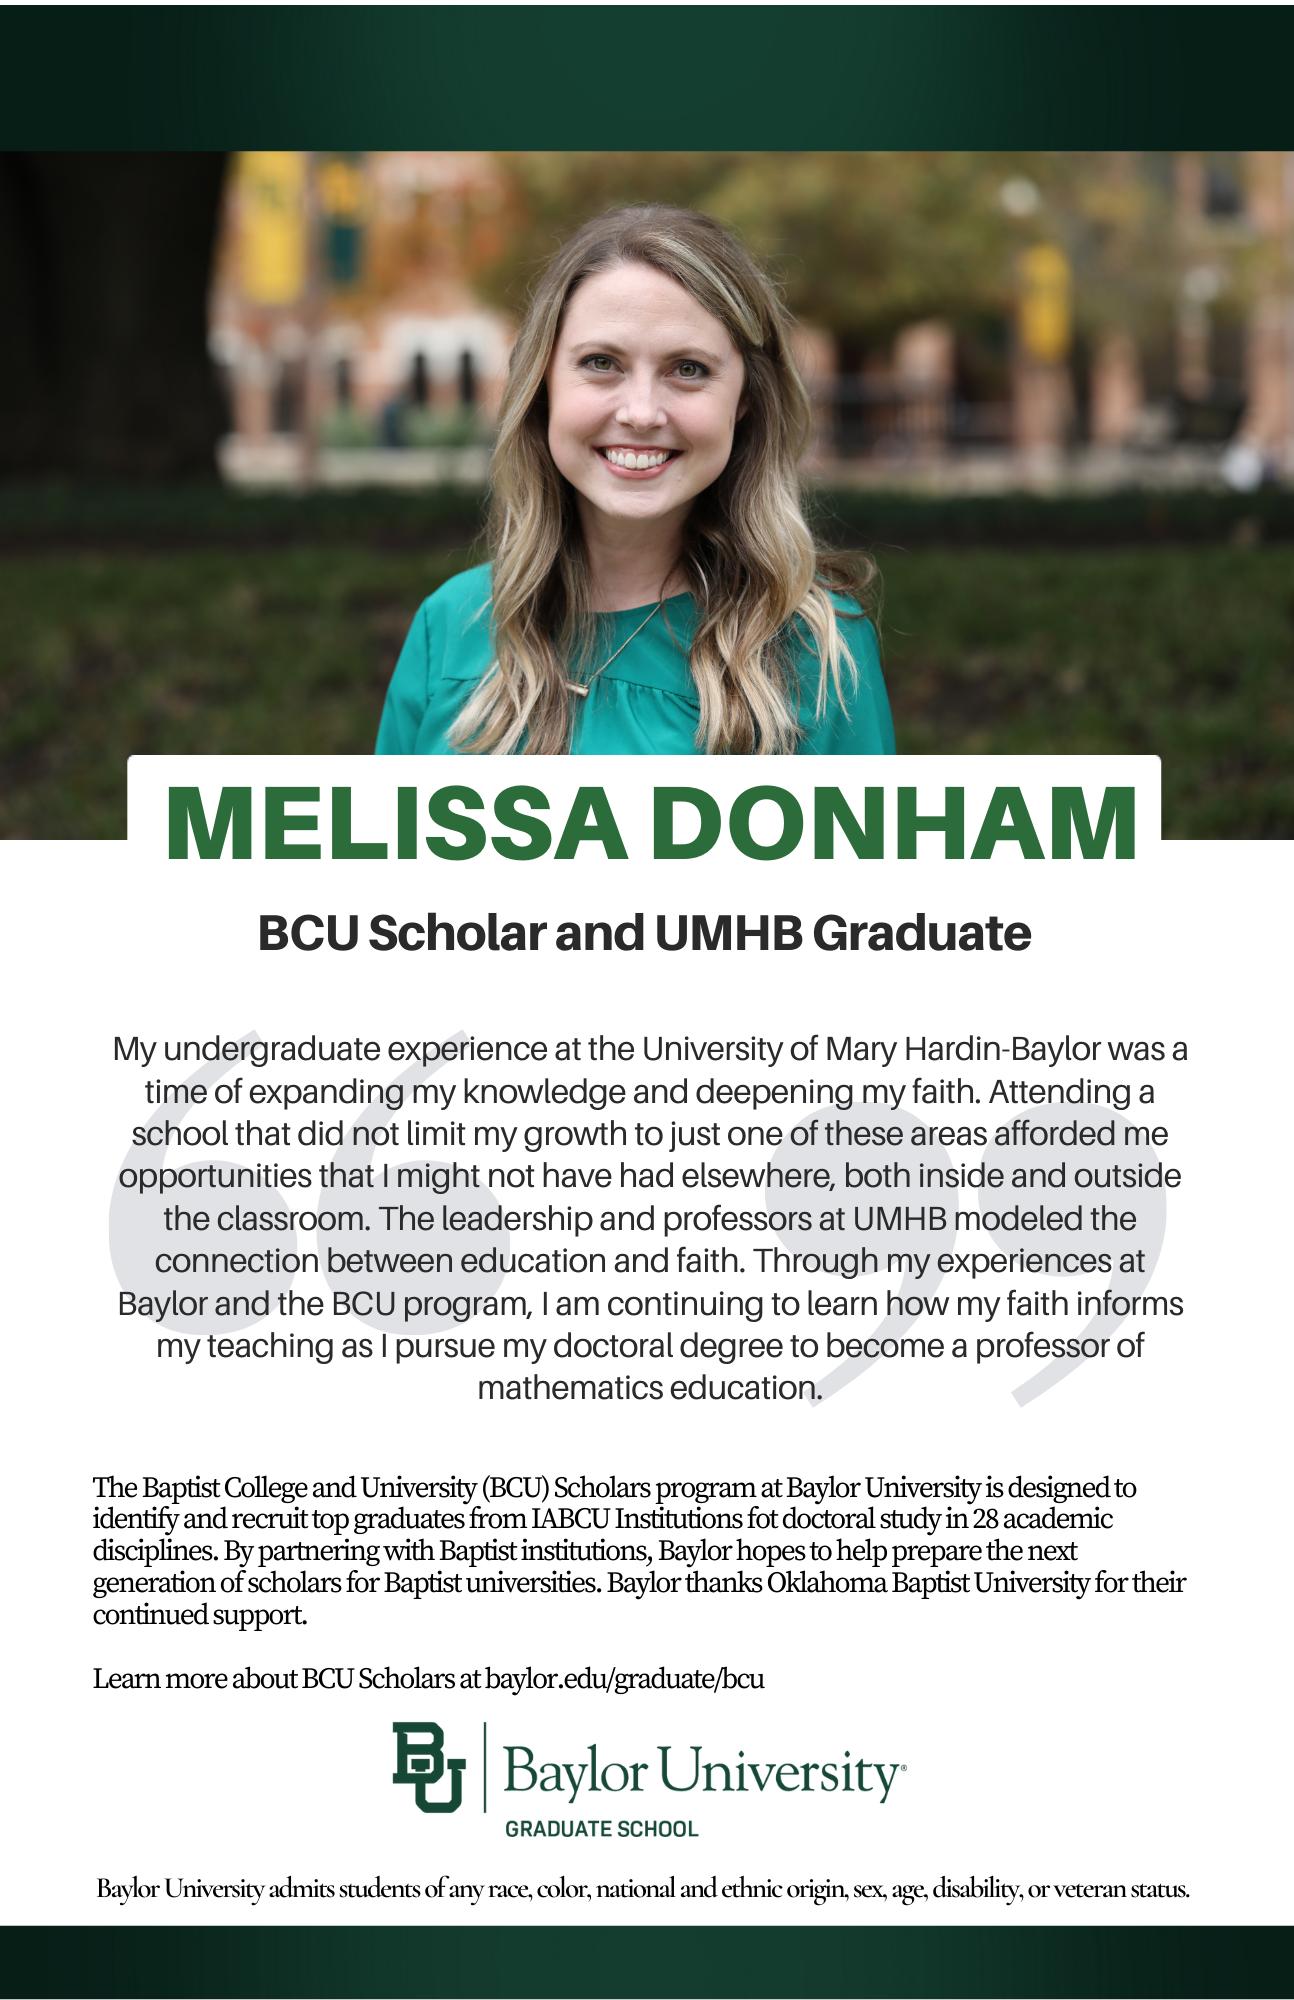 Melissa Donham BCU ad